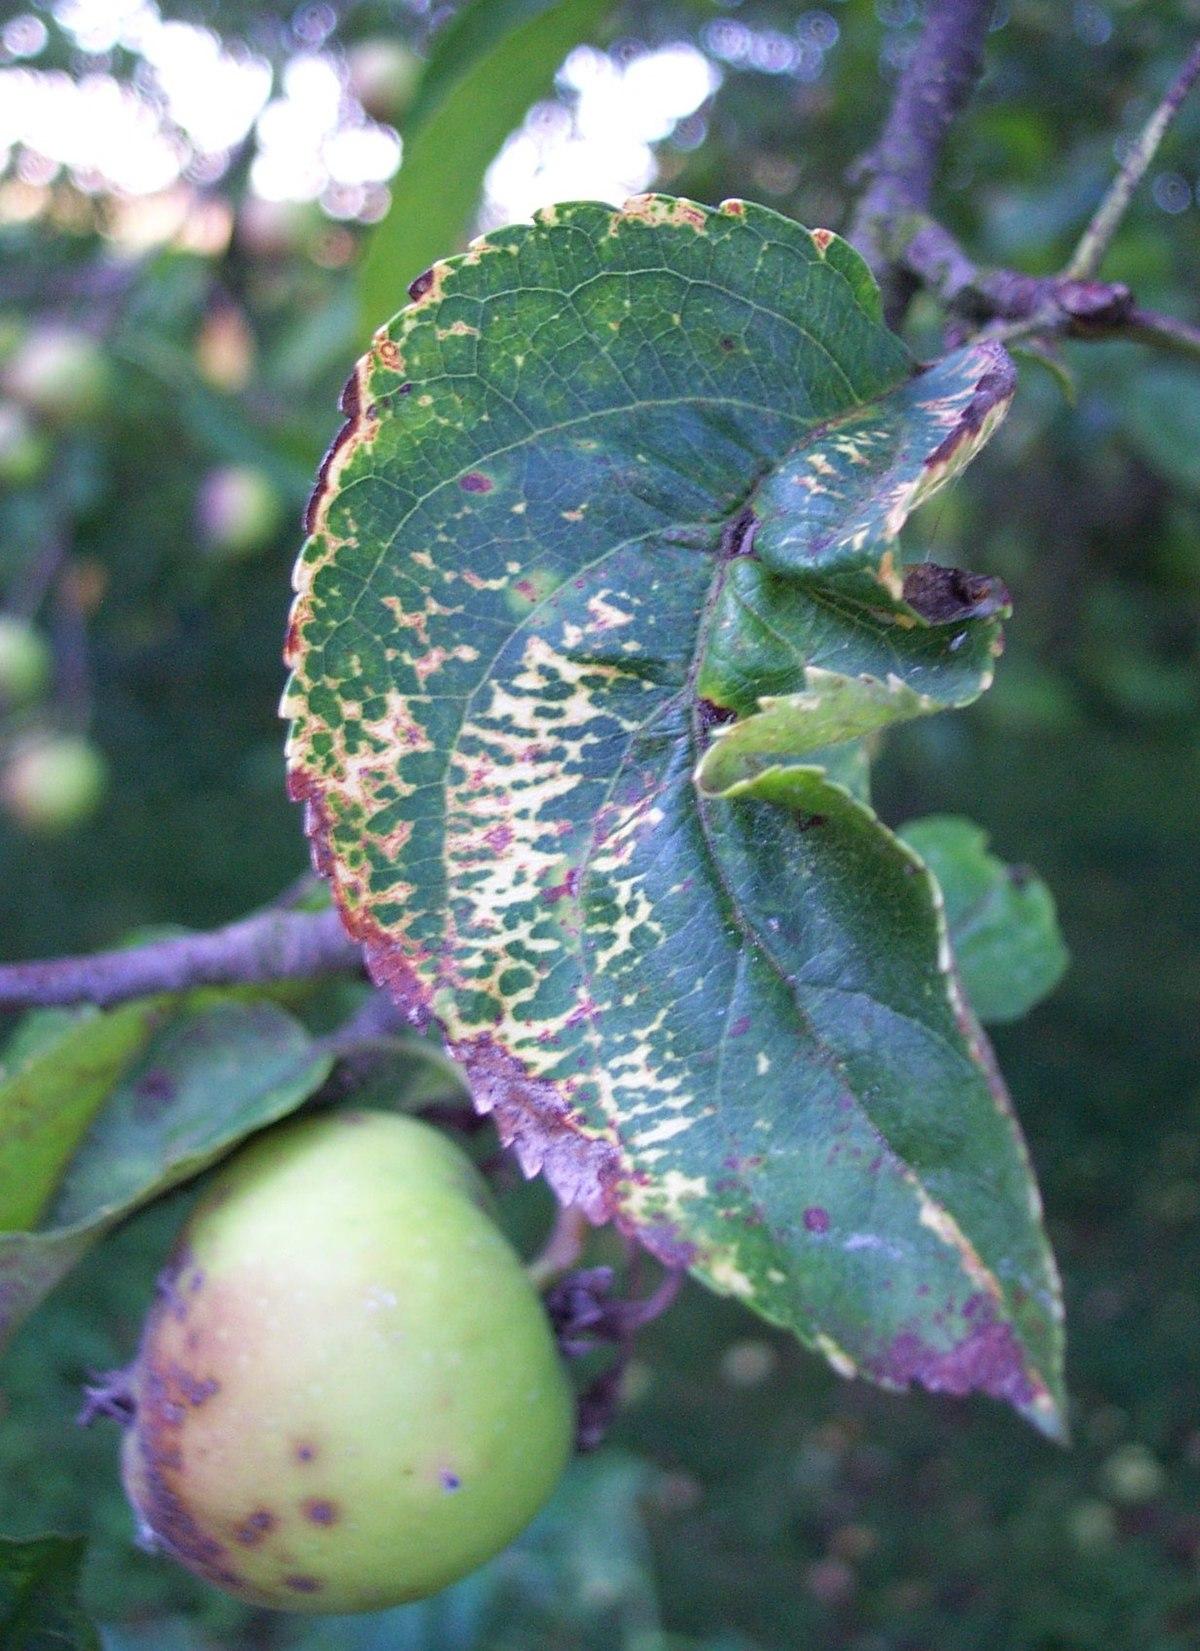 Apple mosaic virus - Wikipedia